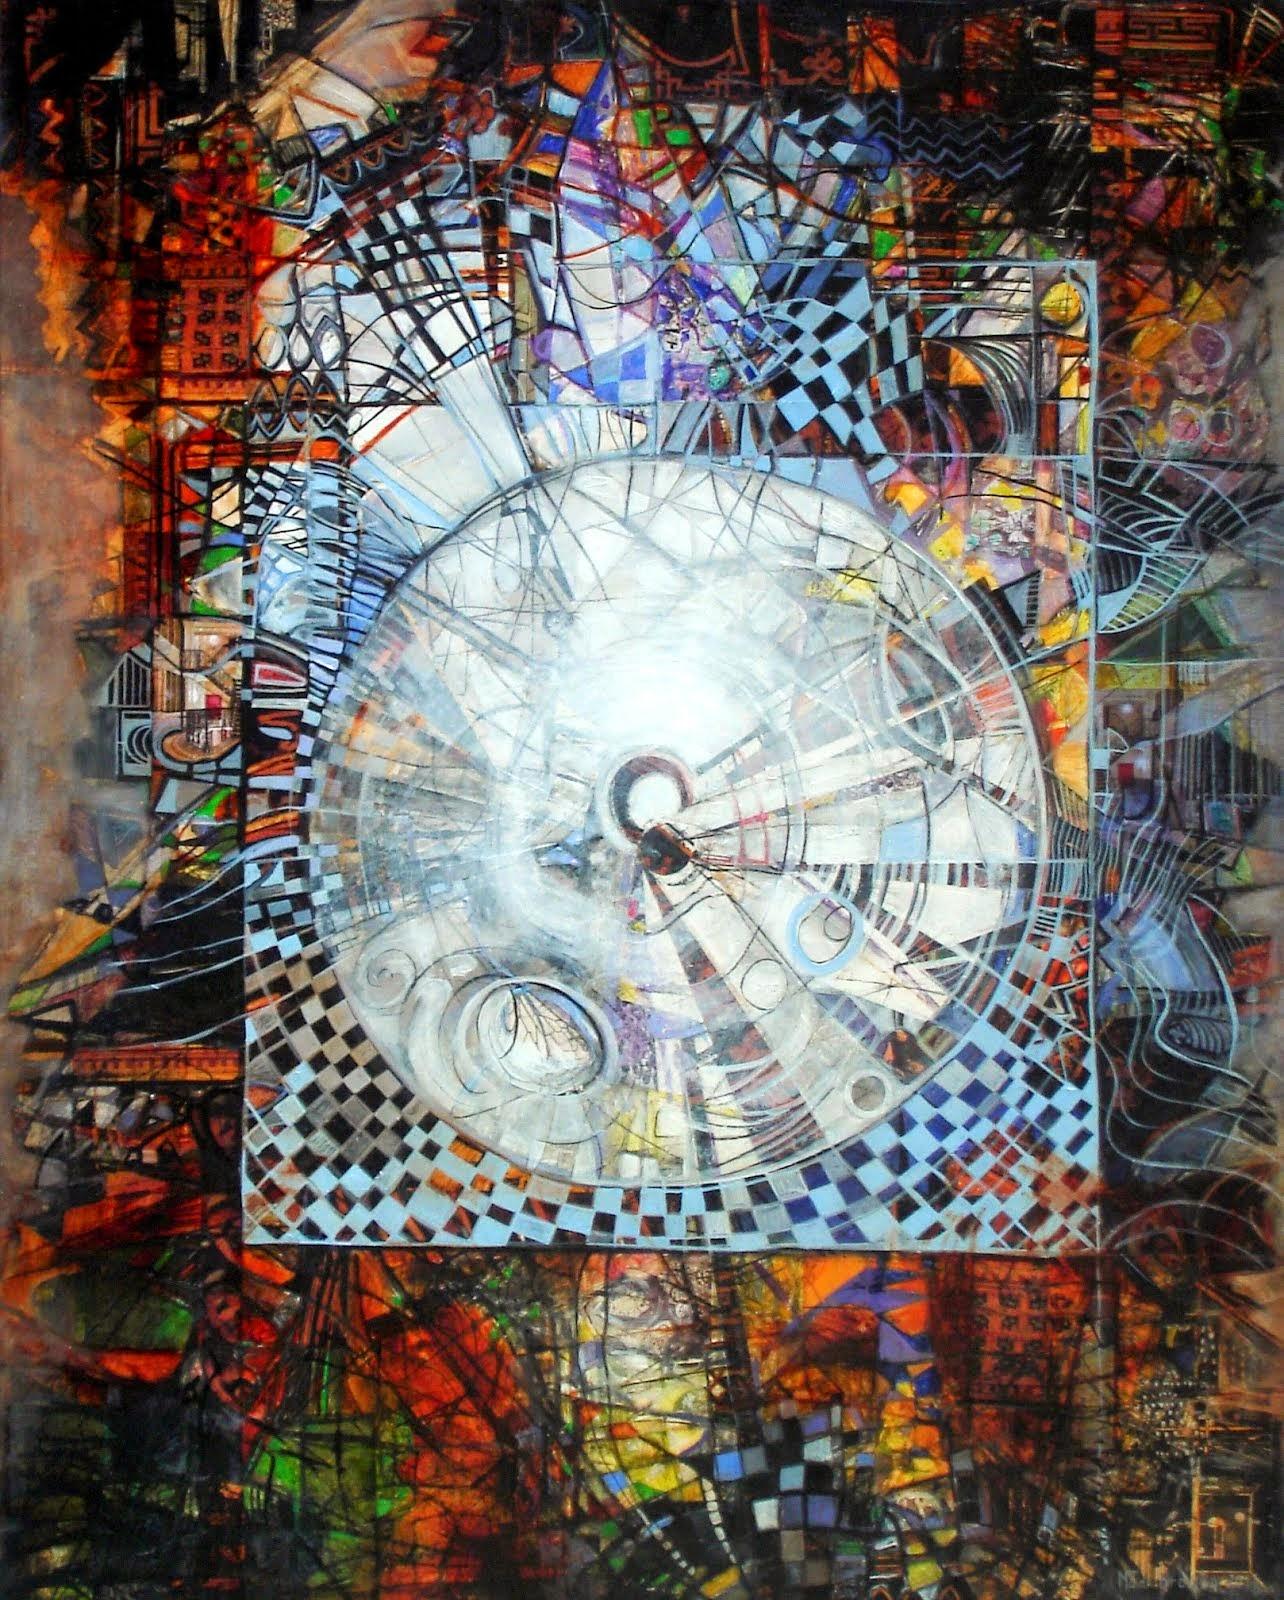 Le temps - 92 x 73 cm - 2014